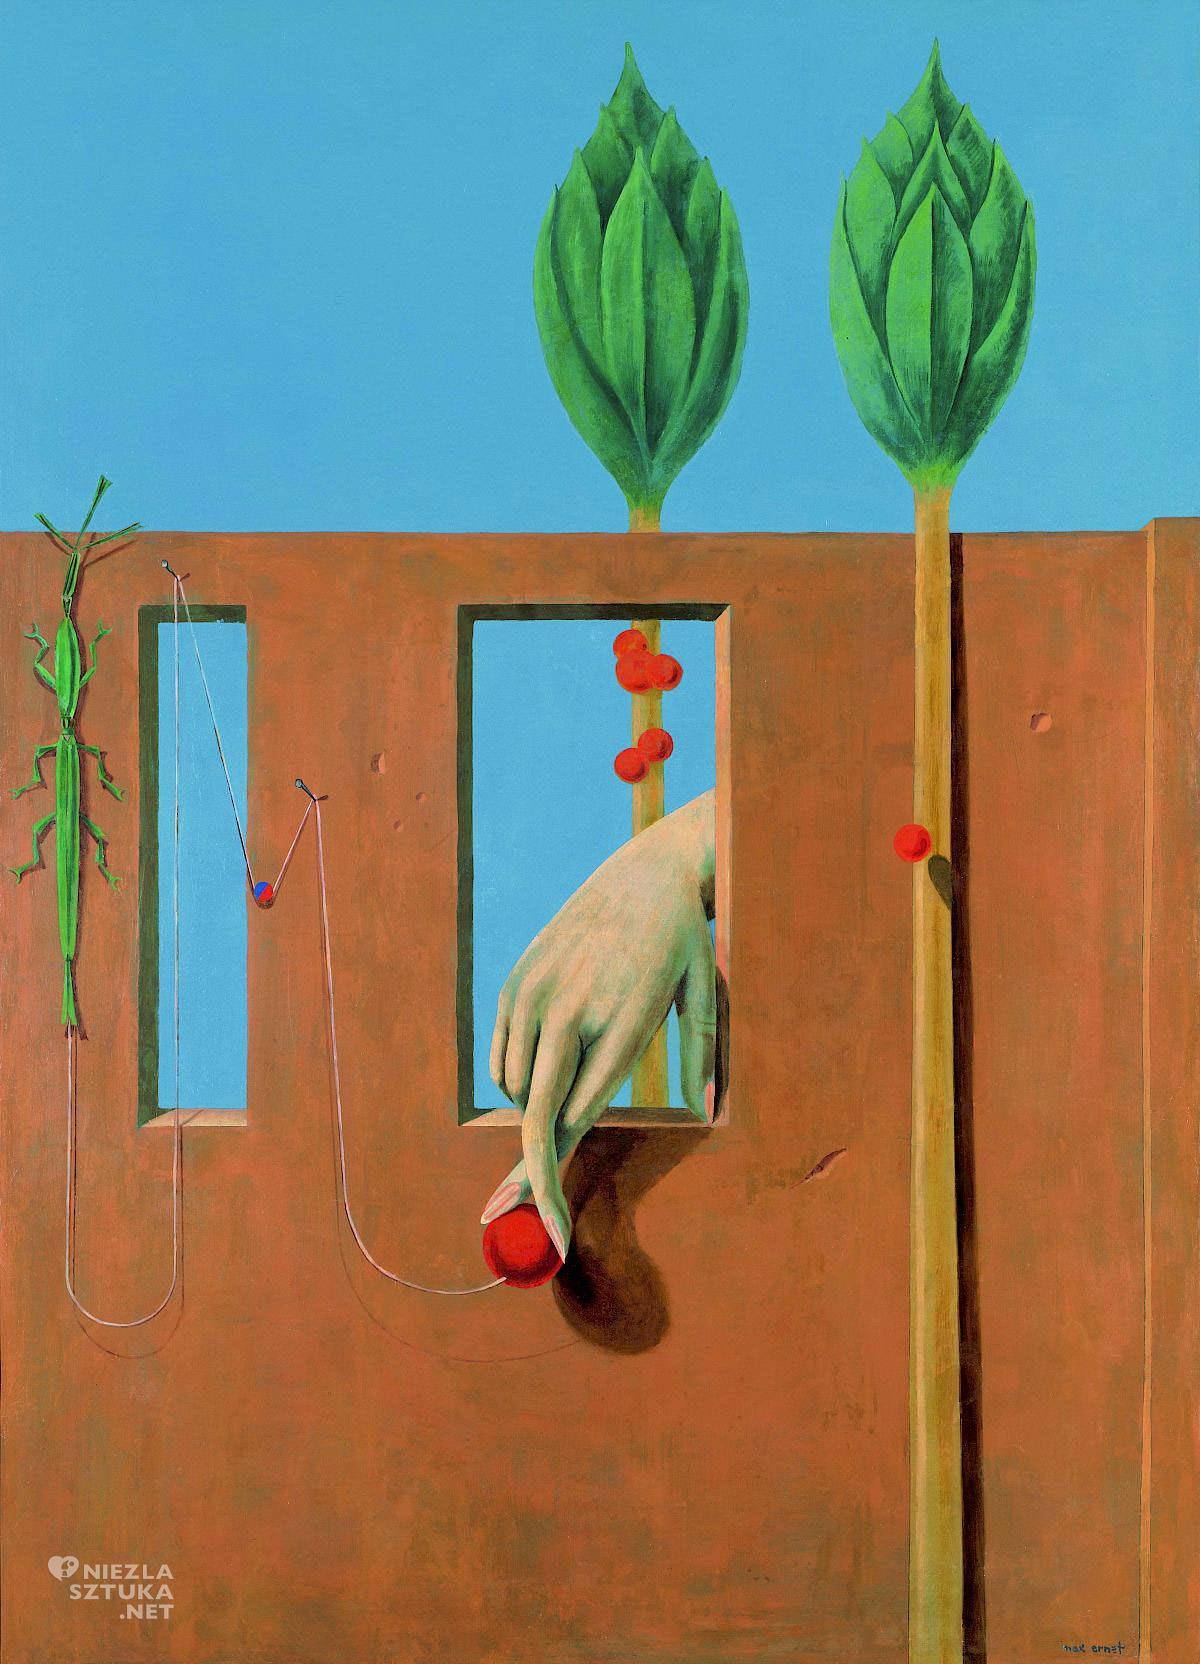 Max Ernst, Przy pierwszym jasnym słowie, surrealizm niemiecki, surrealizm, malarstwo niemieckie, Niezła Sztuka